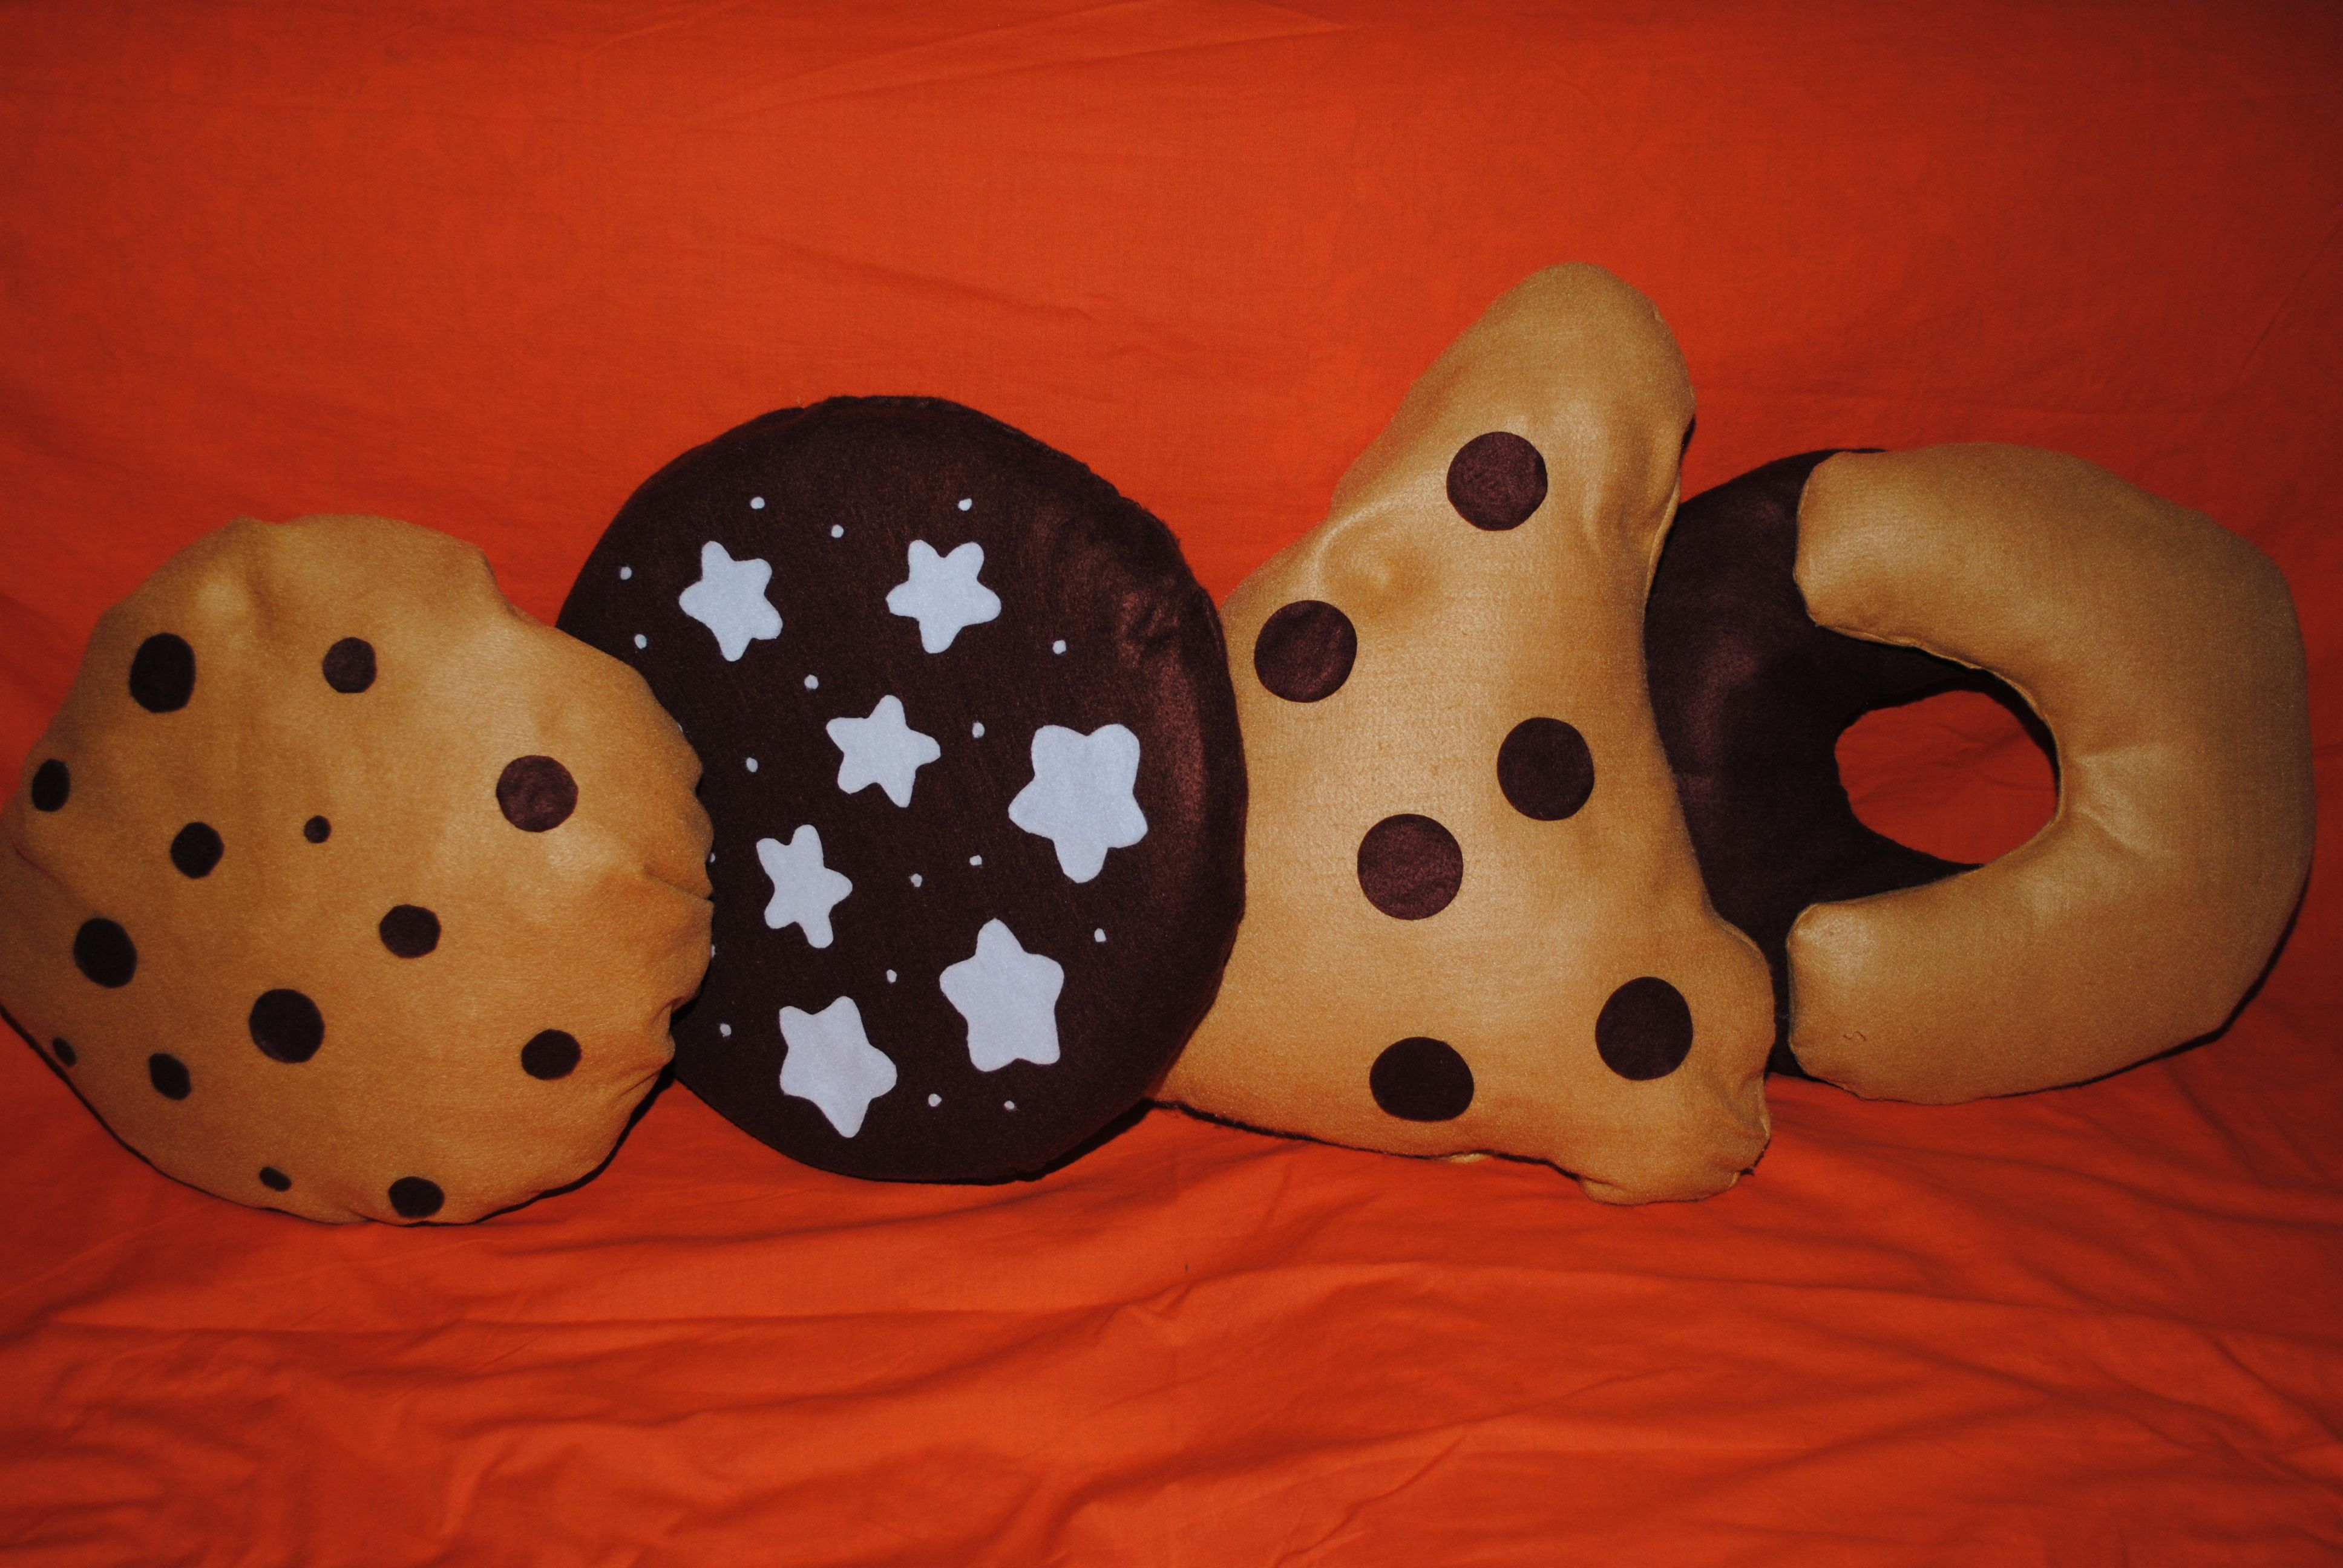 Cuscini Biscotti.Cuscini Biscotti Biscotti Cuscini Progetti Da Provare